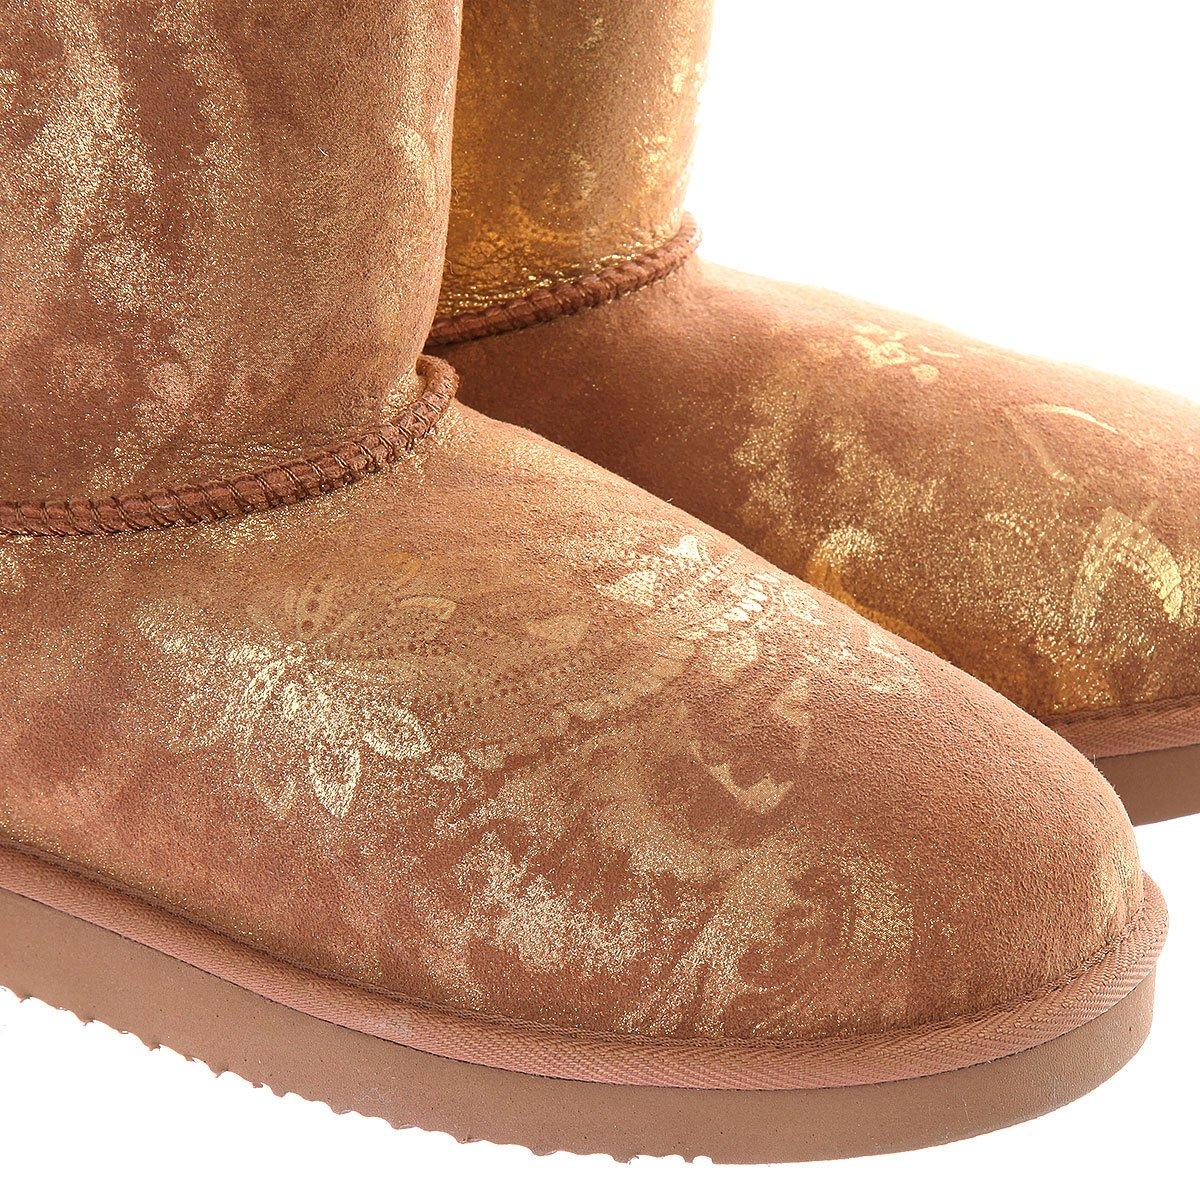 Vashapararu  интернет магазин первоклассной обуви для